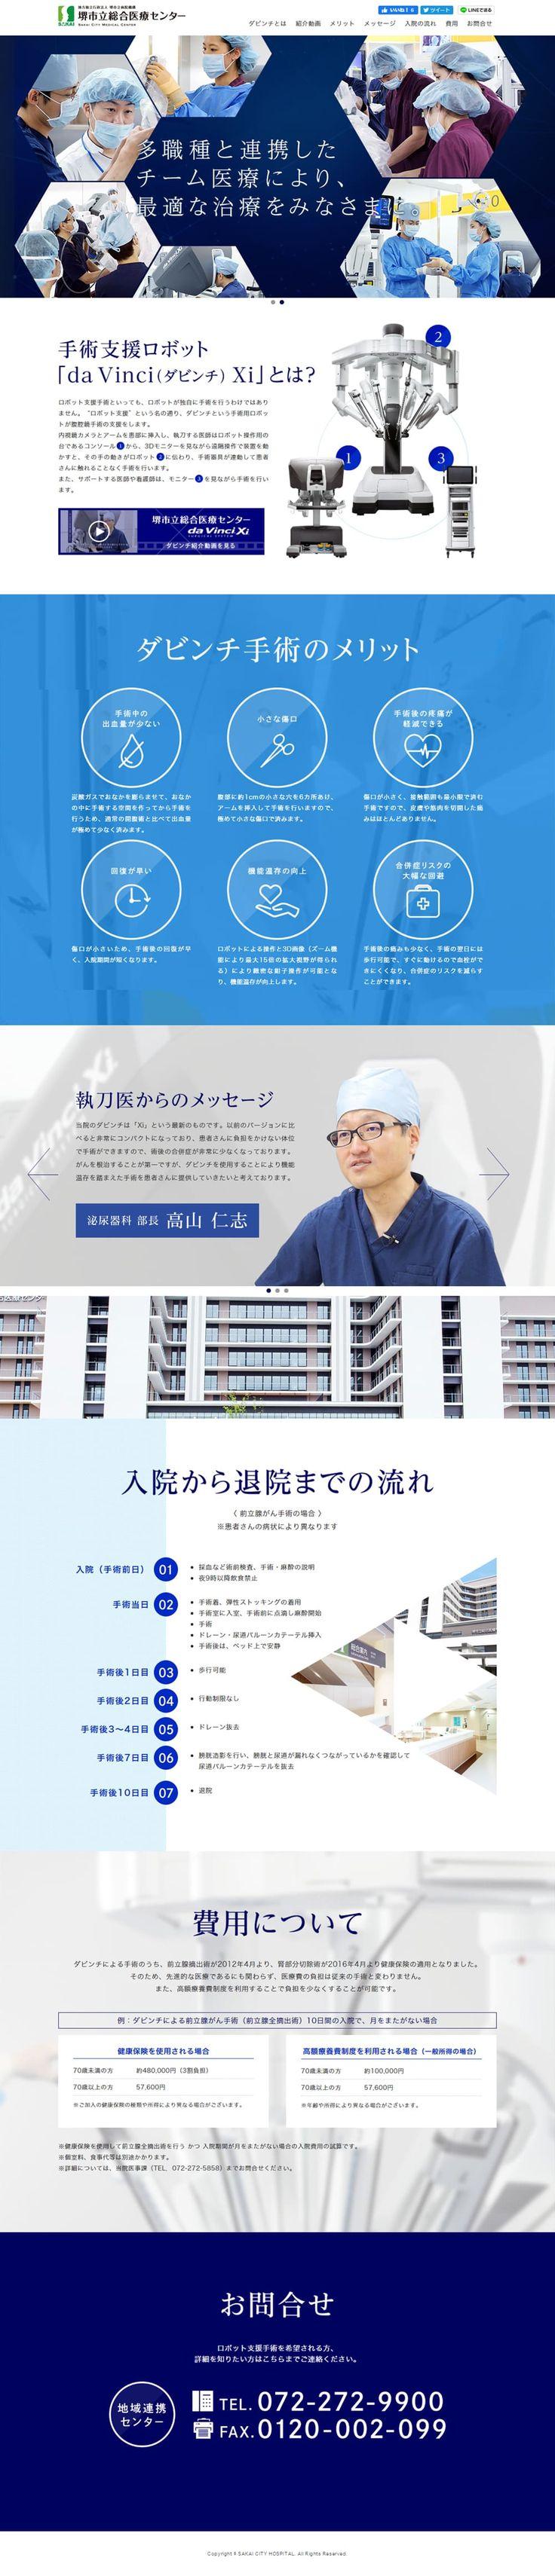 堺市立総合医療センター様の「da Vinci」のランディングページ(LP)信頼・安心系|病院・整体・マッサージ